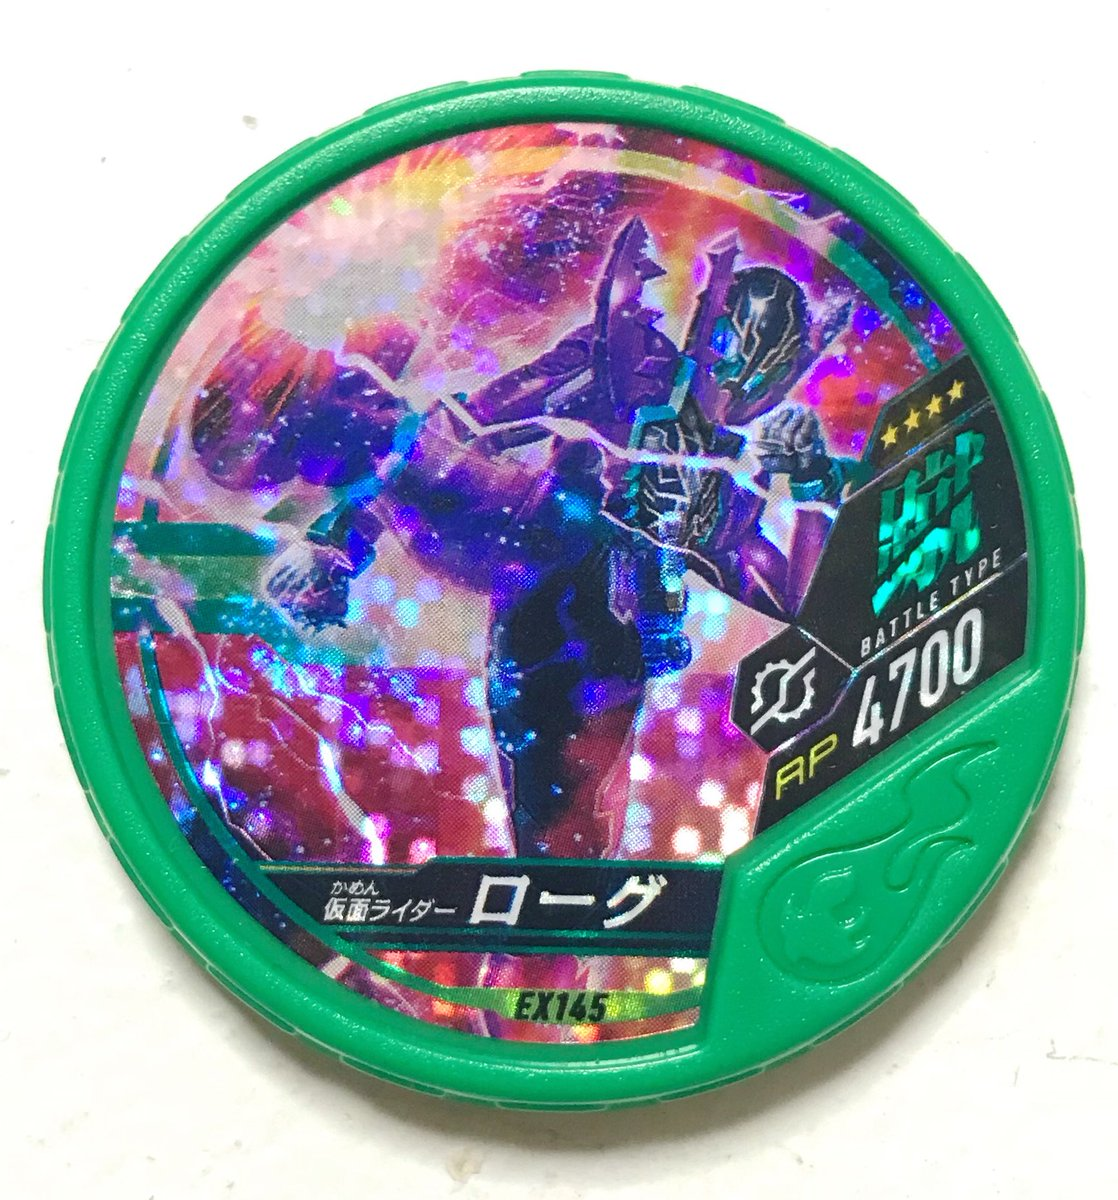 仮面ライダーブットバソウルモットラムネ2に関する画像5